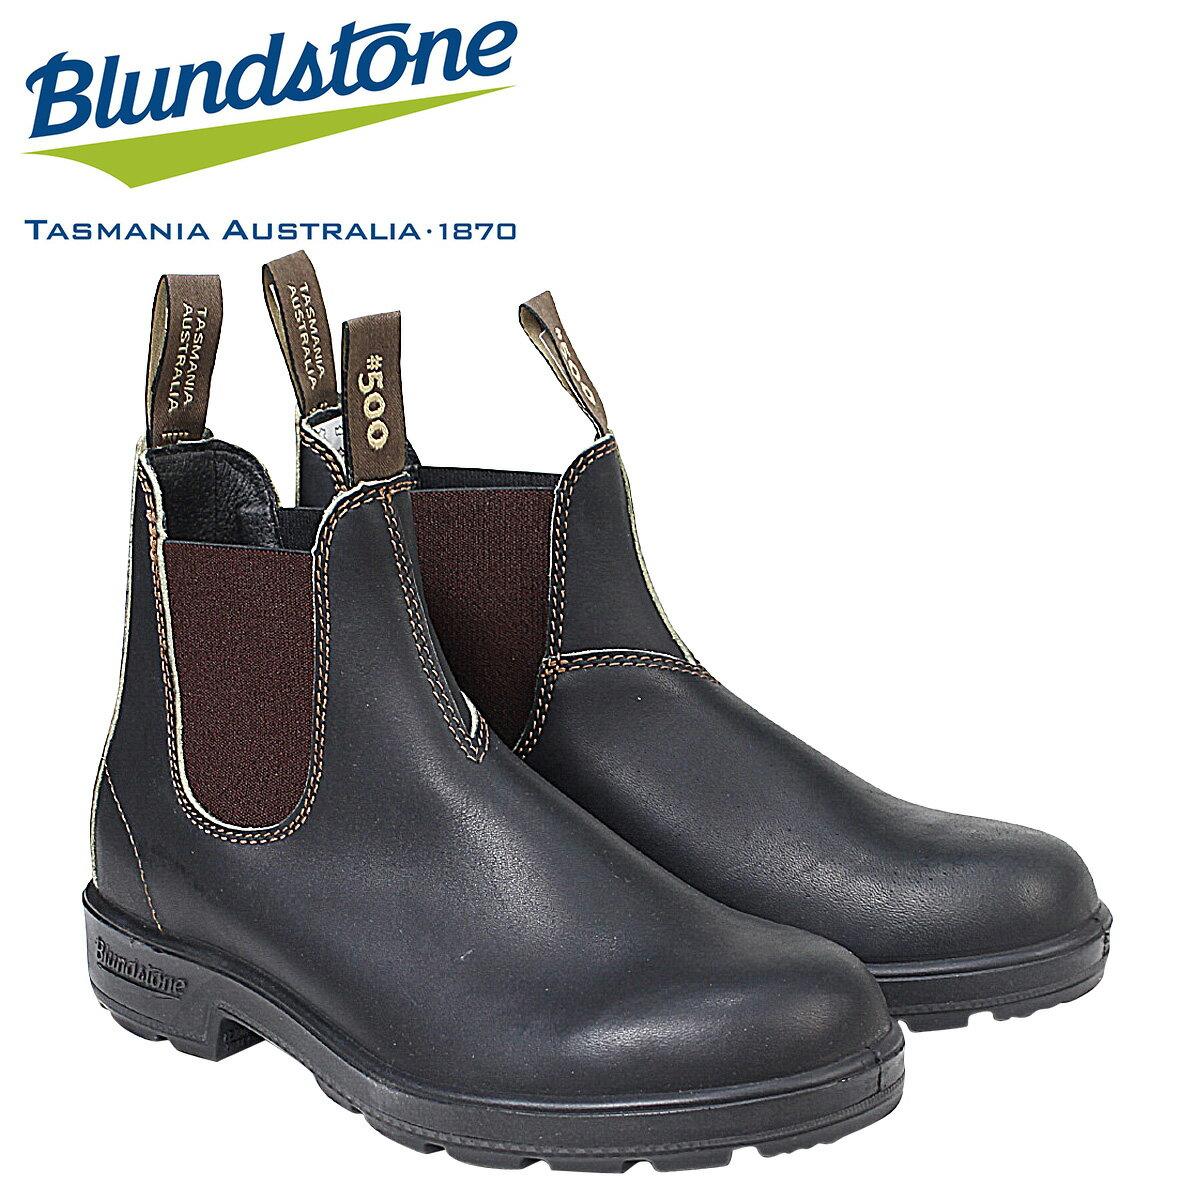 【最大2000円OFFクーポン】 【半期決算セール】 ブランドストーン Blundstone サイドゴア メンズ 500 ブーツ DRESS V CUT BOOTS ブラウン [1/16 追加入荷]